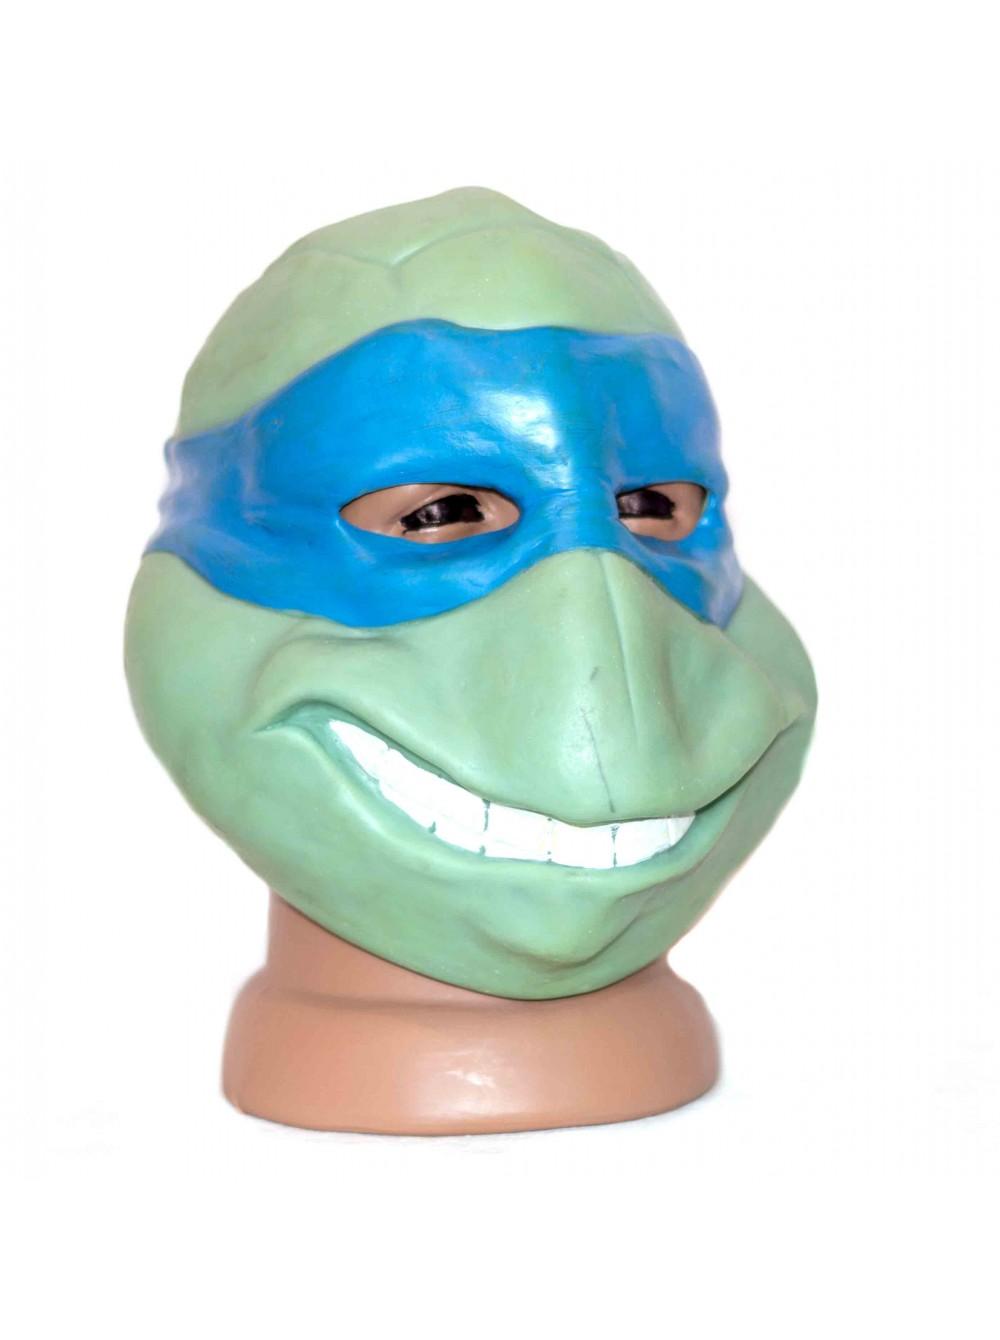 Купить маску черепашки-ниндзя Леонардо в интернет-магазине